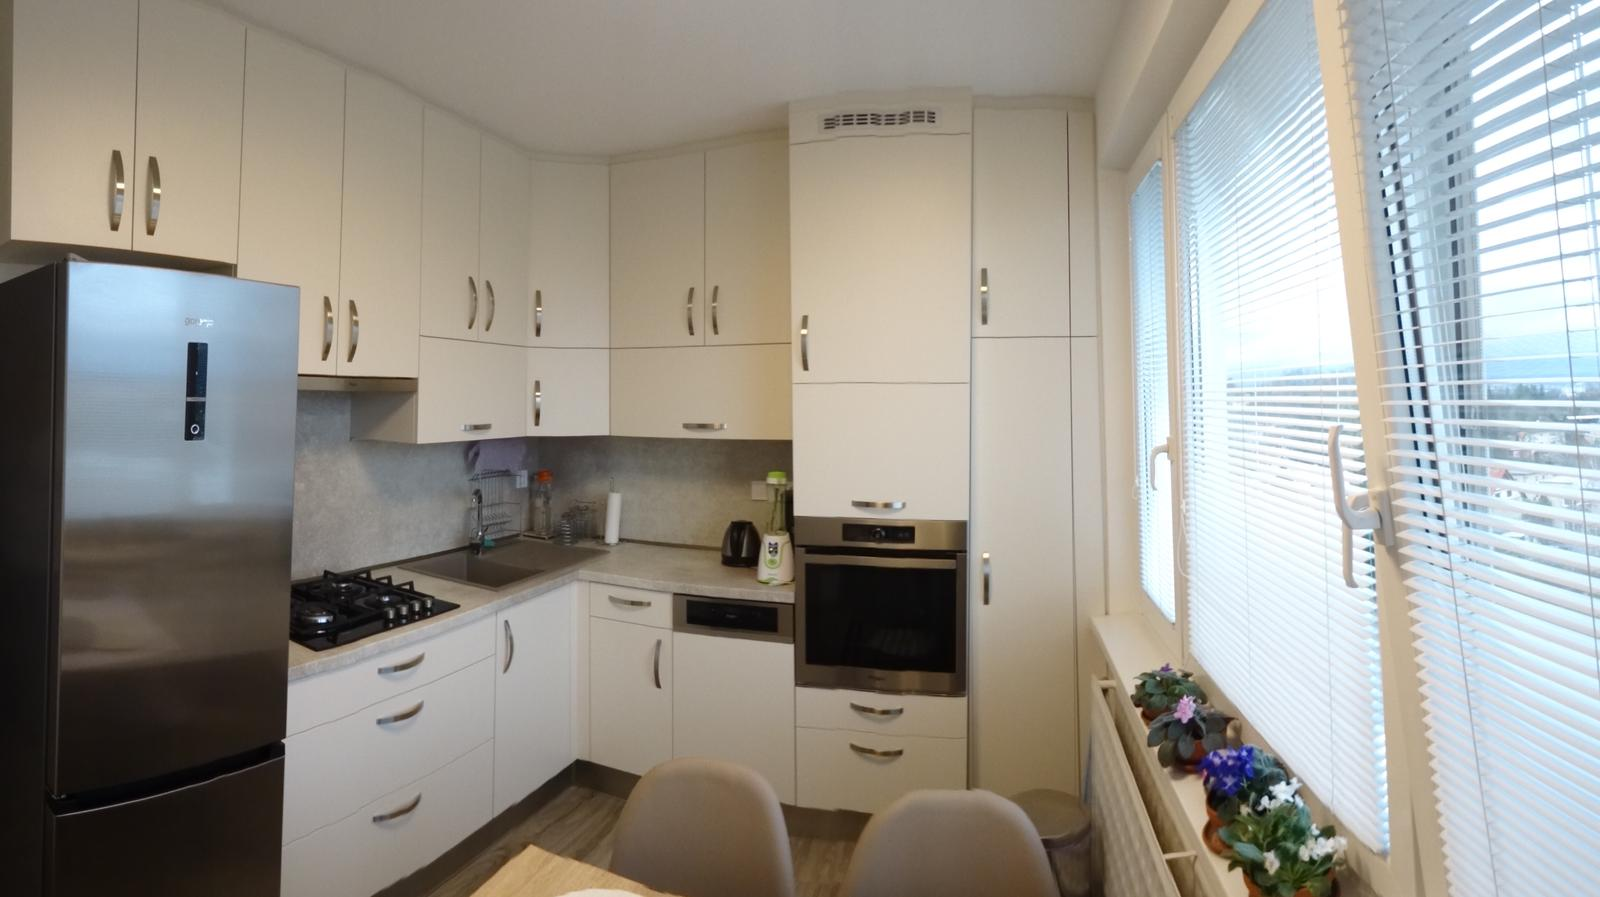 Realizované kuchyne-panelák 2 - Realizácia kuchynskej linky po strop v paneláku v ZV - obr.1